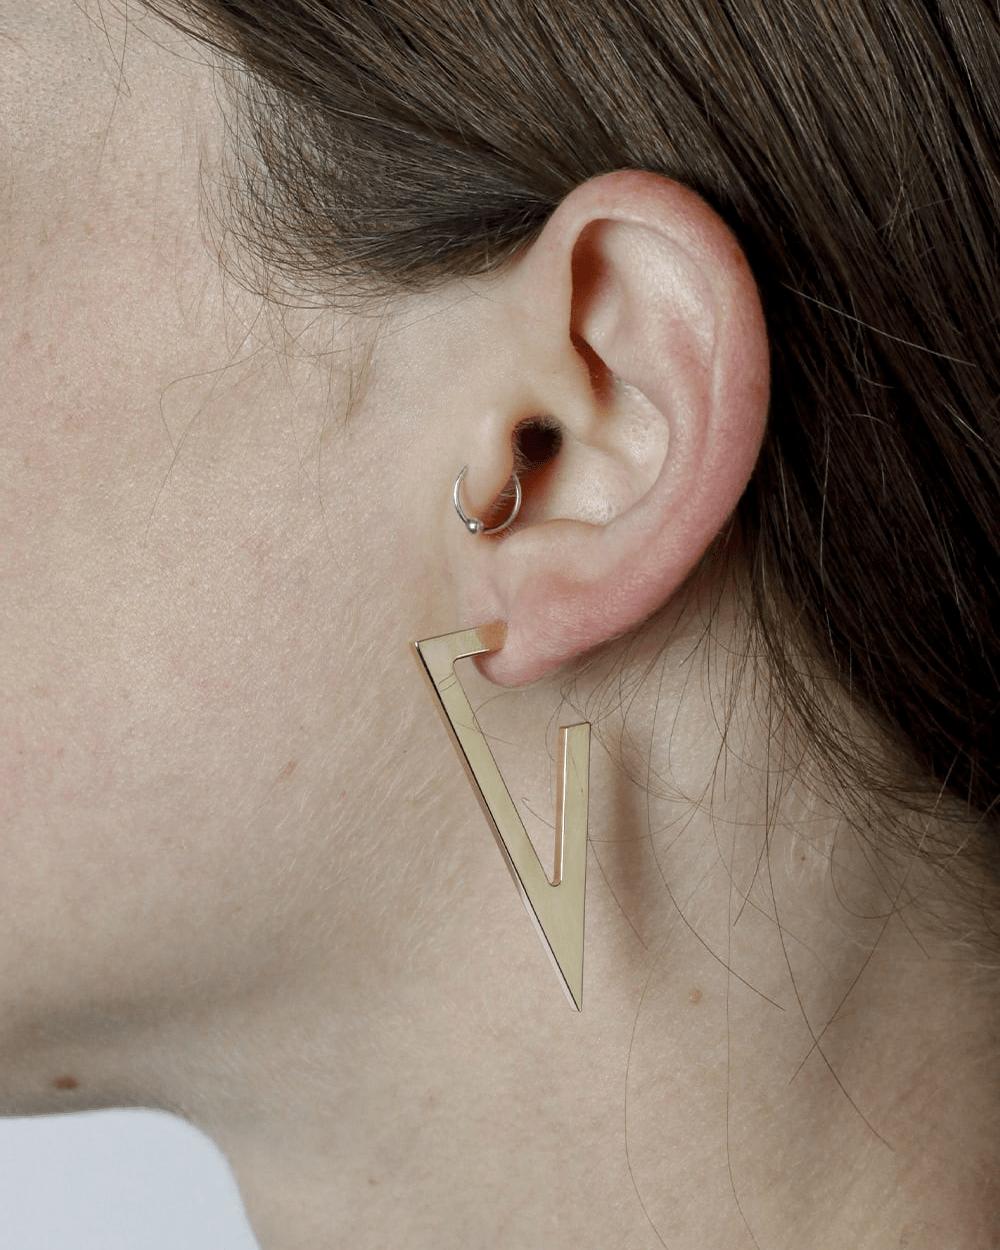 Earrings YELLOW GOLD TRIANGULAR PLATE BIG EARRINGS NOVE25